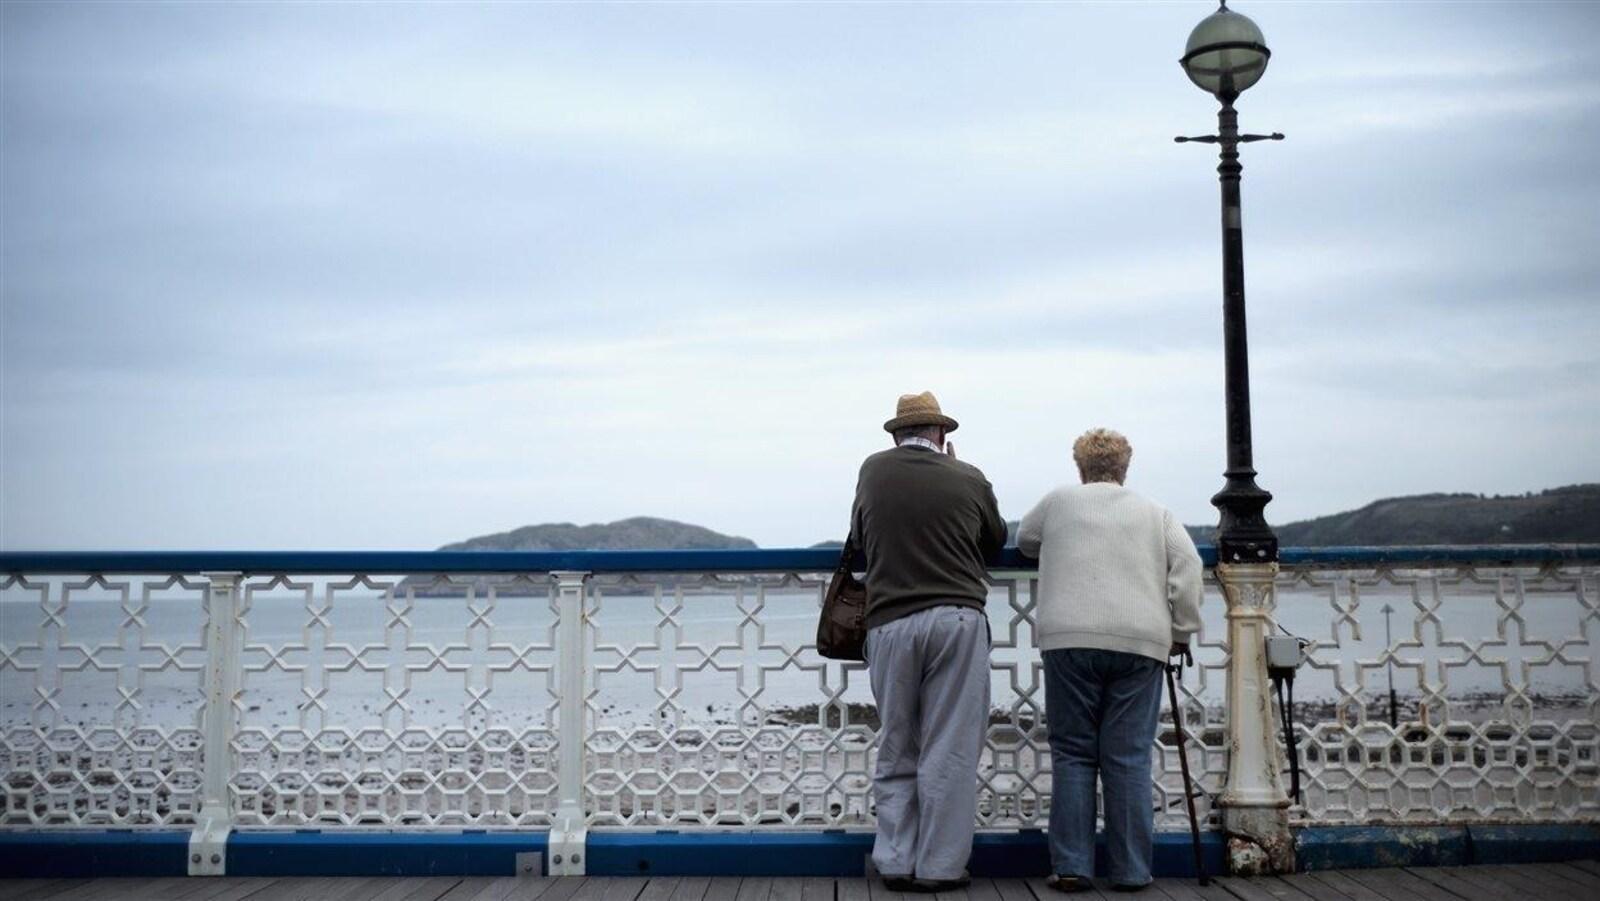 Selon le sondage, 95 % de Québécois jugent que l'isolement des aînés influe sur leur état de santé.